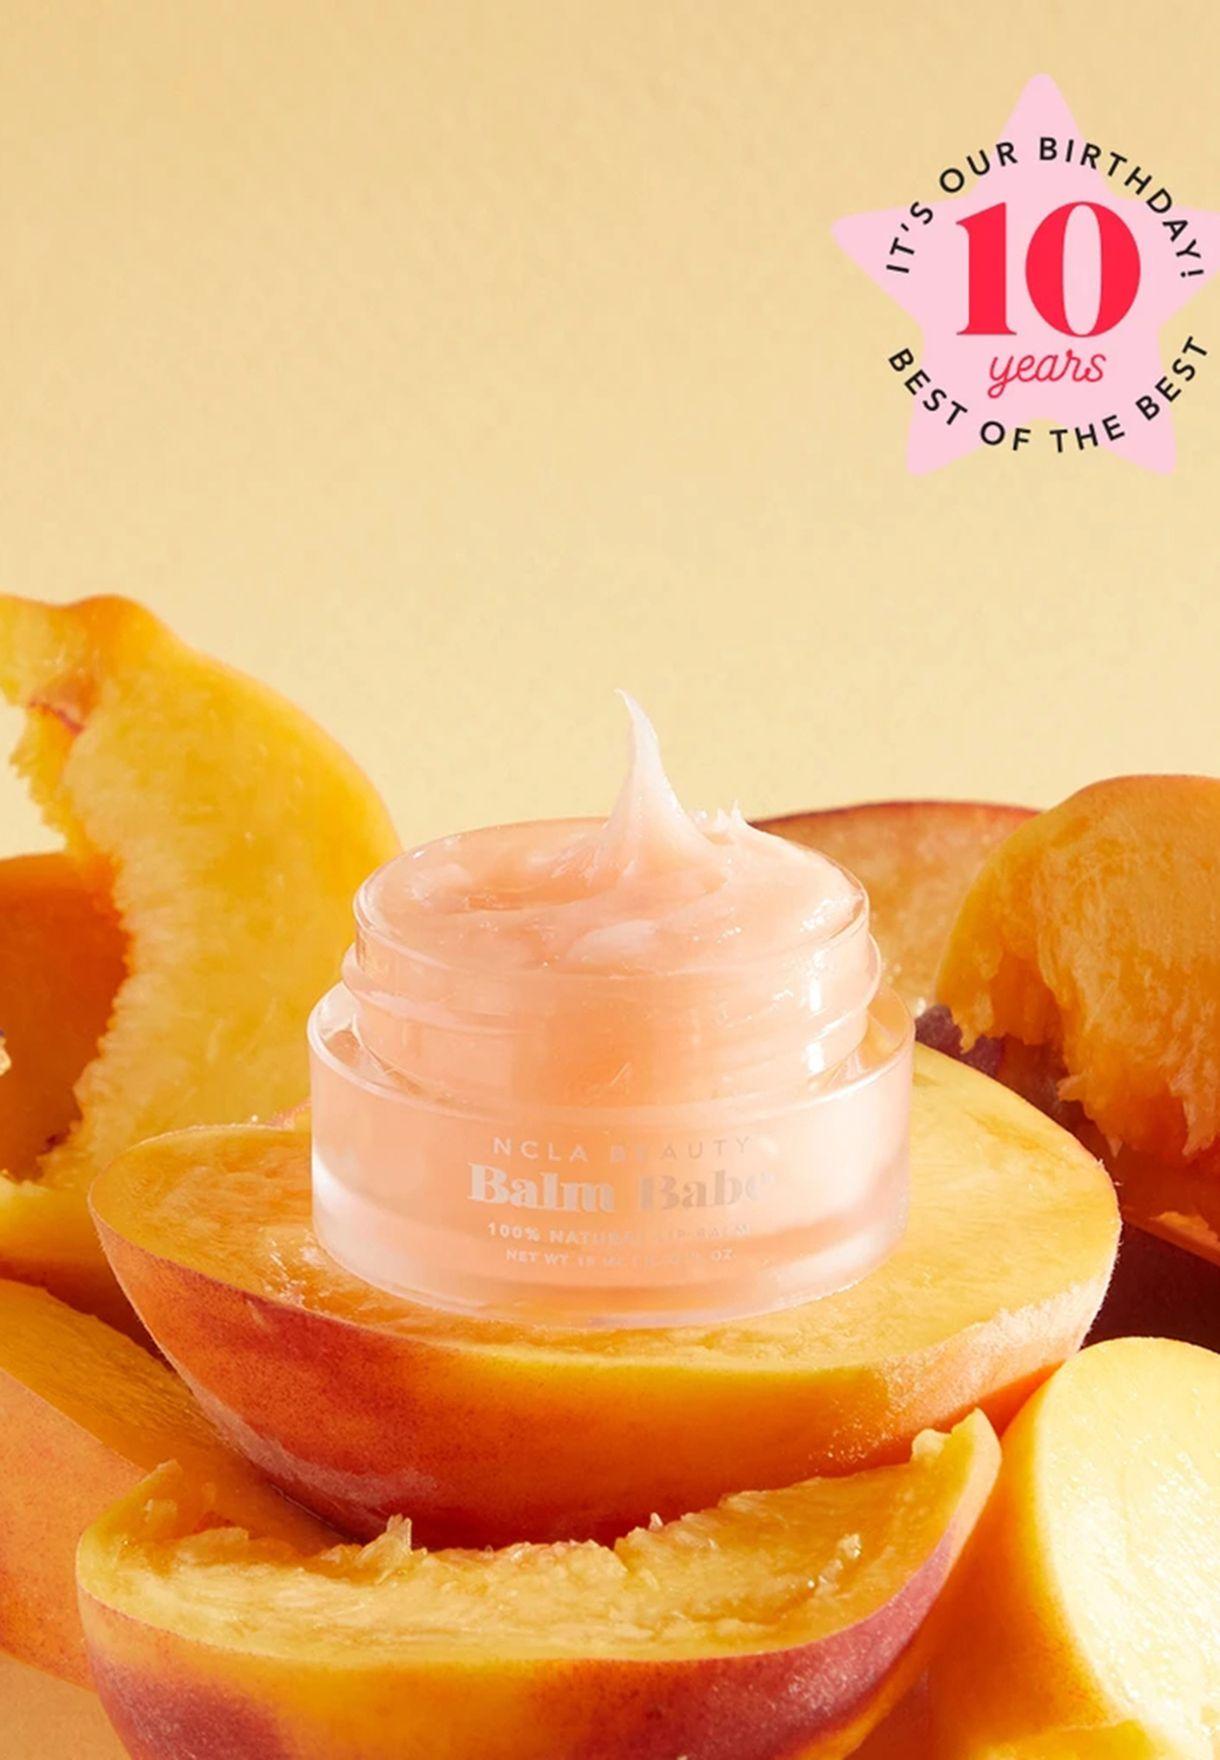 Balm Babe Lip Balm - Peach